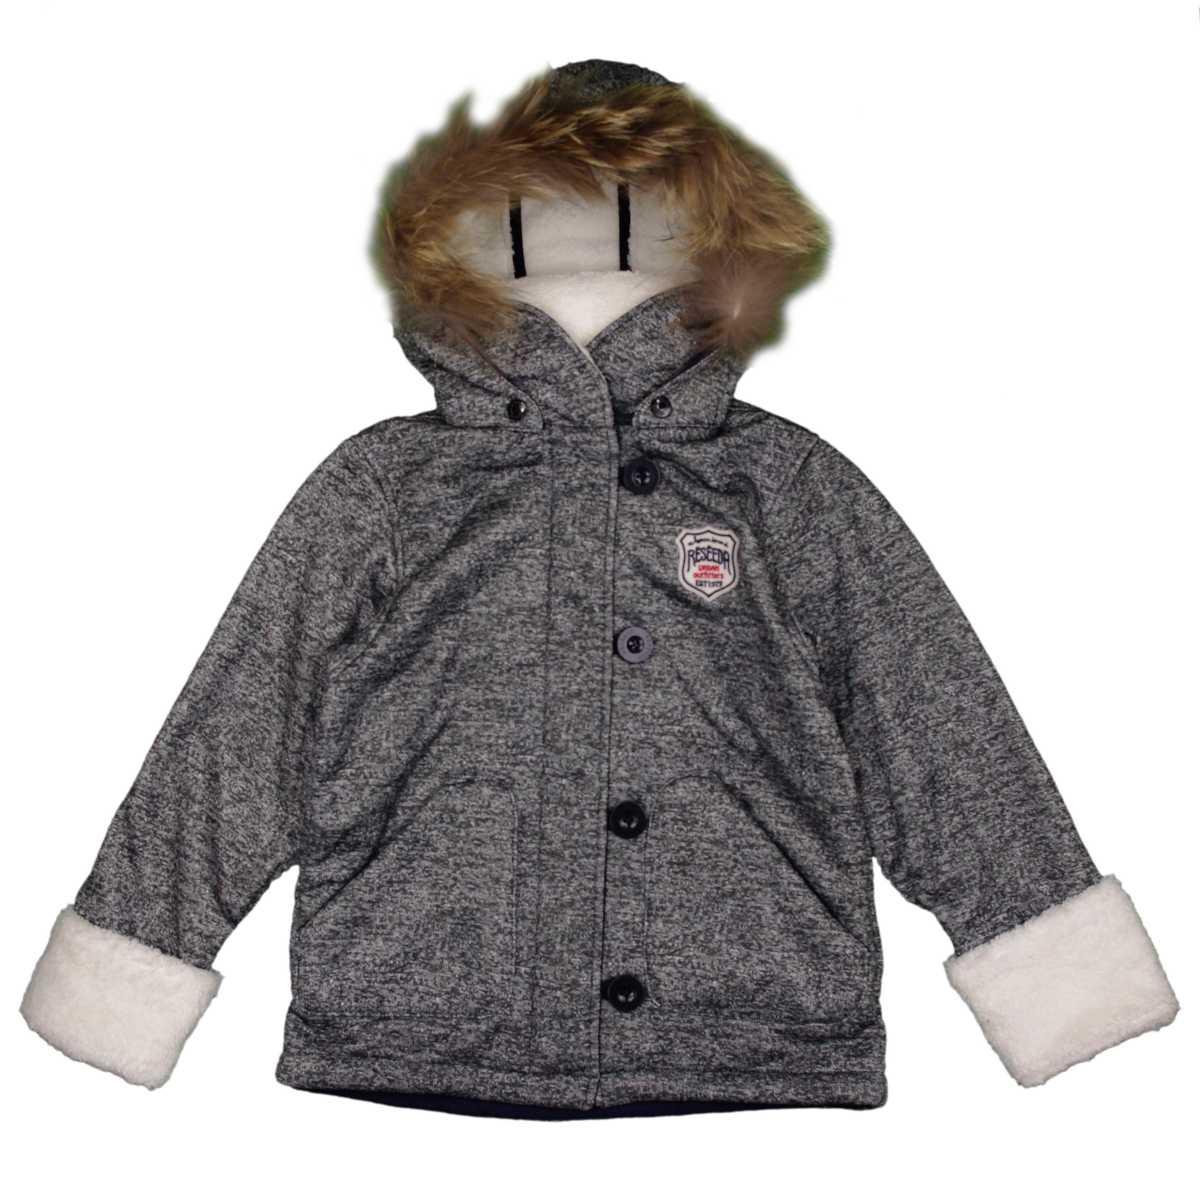 男女兼用 オンヨネ ボンディングランチジャケット型 裏ボア ラクーンファー付き 防寒ジャケット サンプル品 (ブラック 130cm) ボーイズ キッズ ジャンパー・コート 全3色